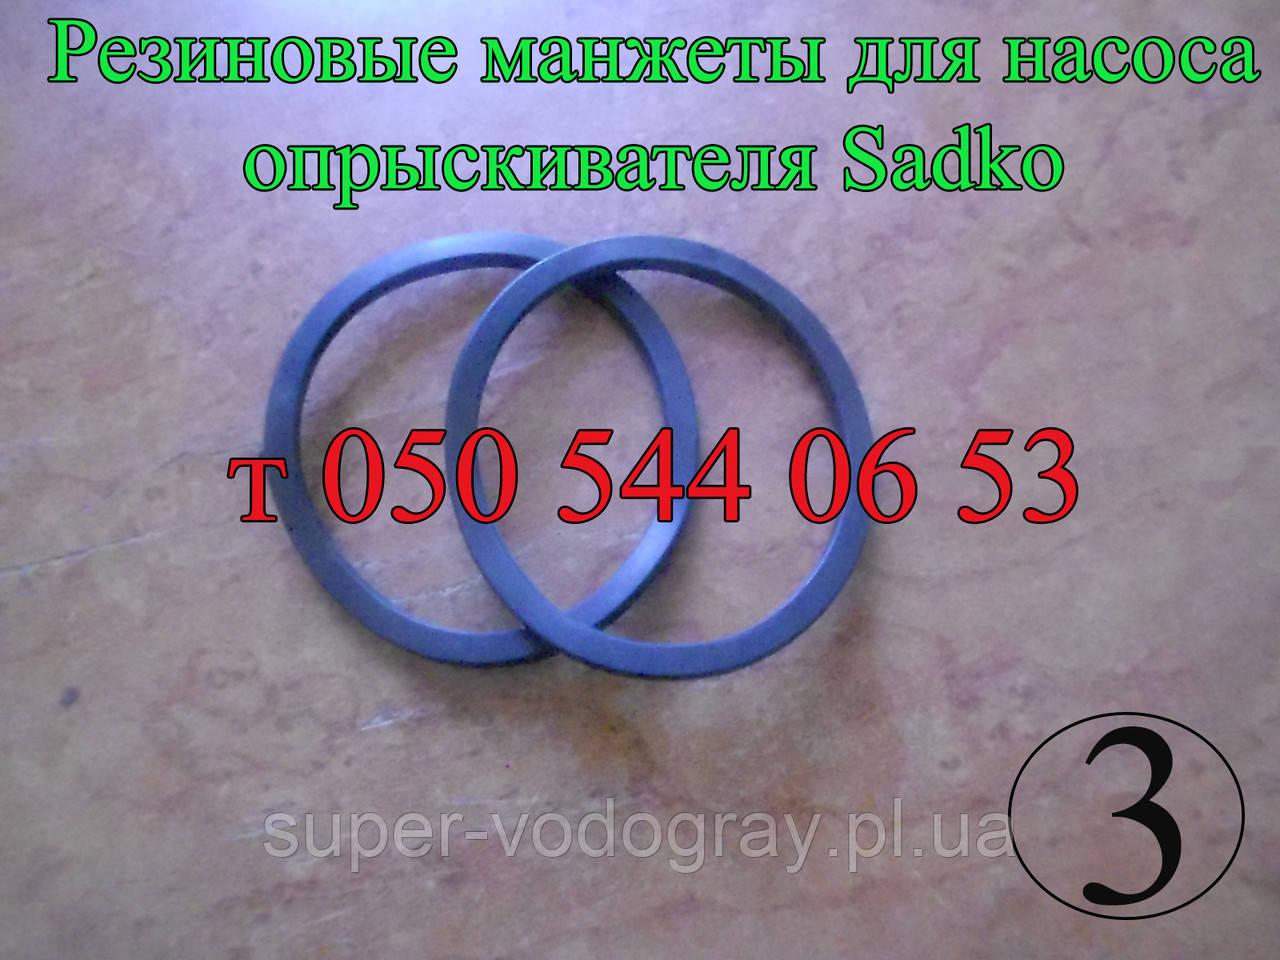 Резиновые манжеты для насоса опрыскивателя Sadko